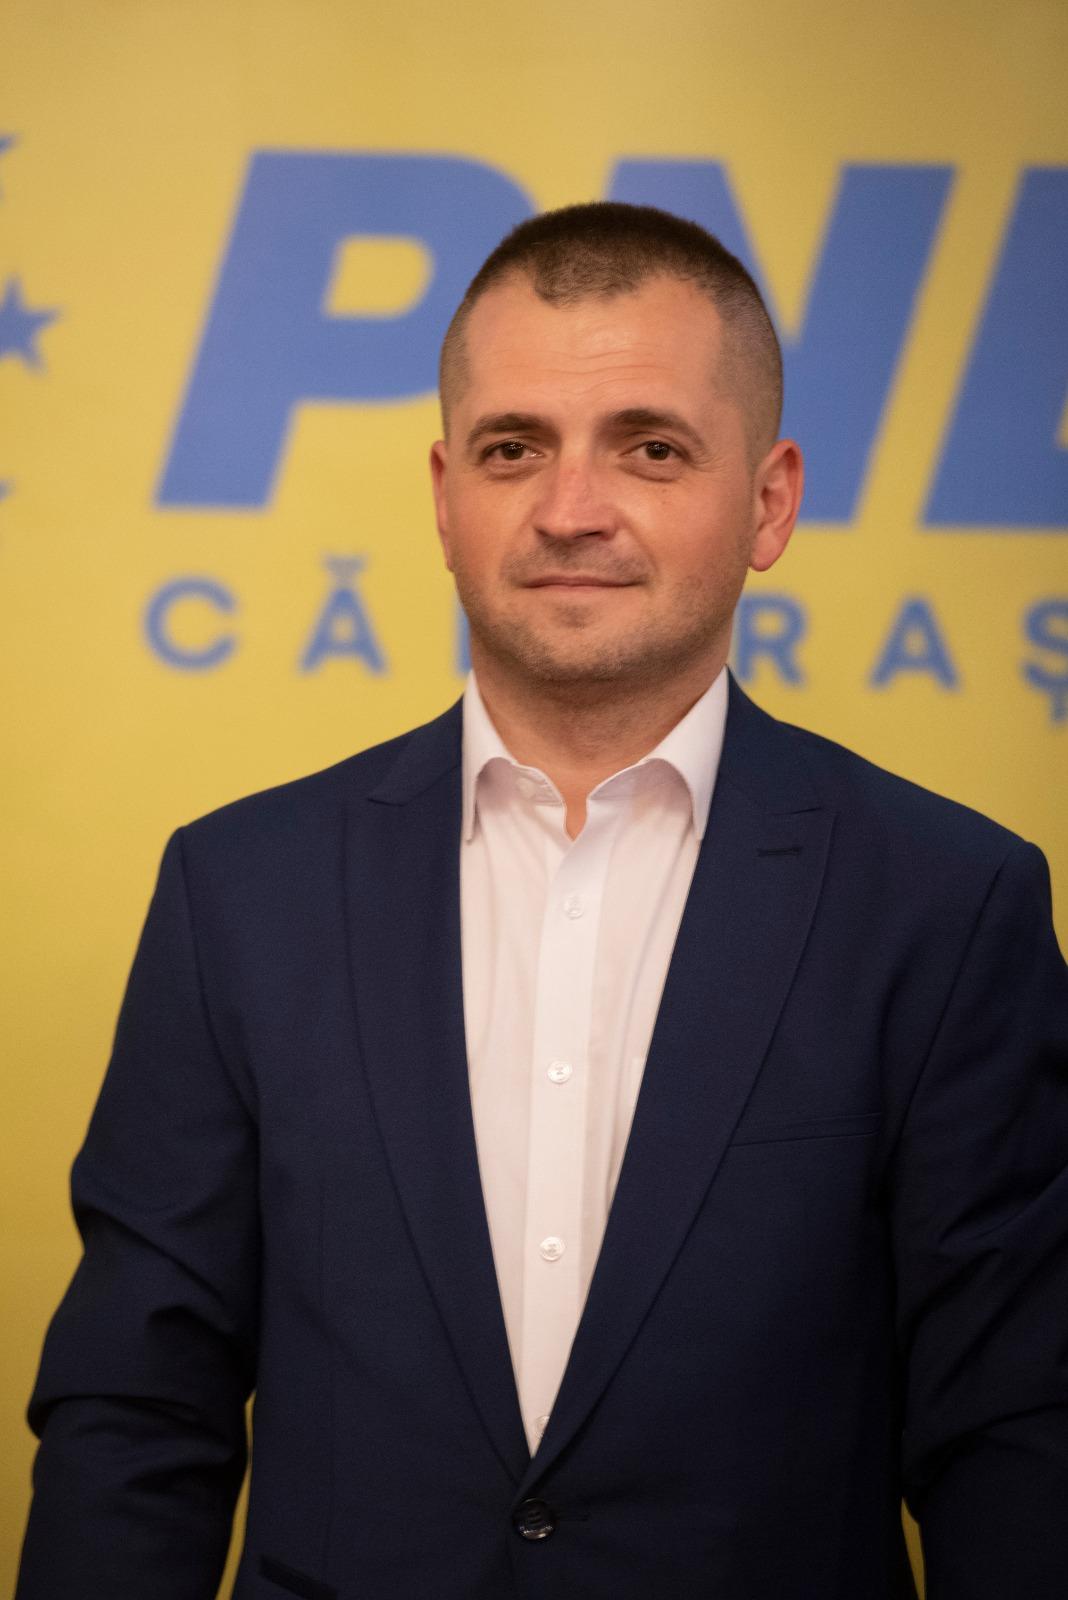 """Președintele PNL Călărași, sen. Ciprian Pandea: ,,Vă asigur de întregul meu sprijin și, împreună, mergem către victorie!"""""""